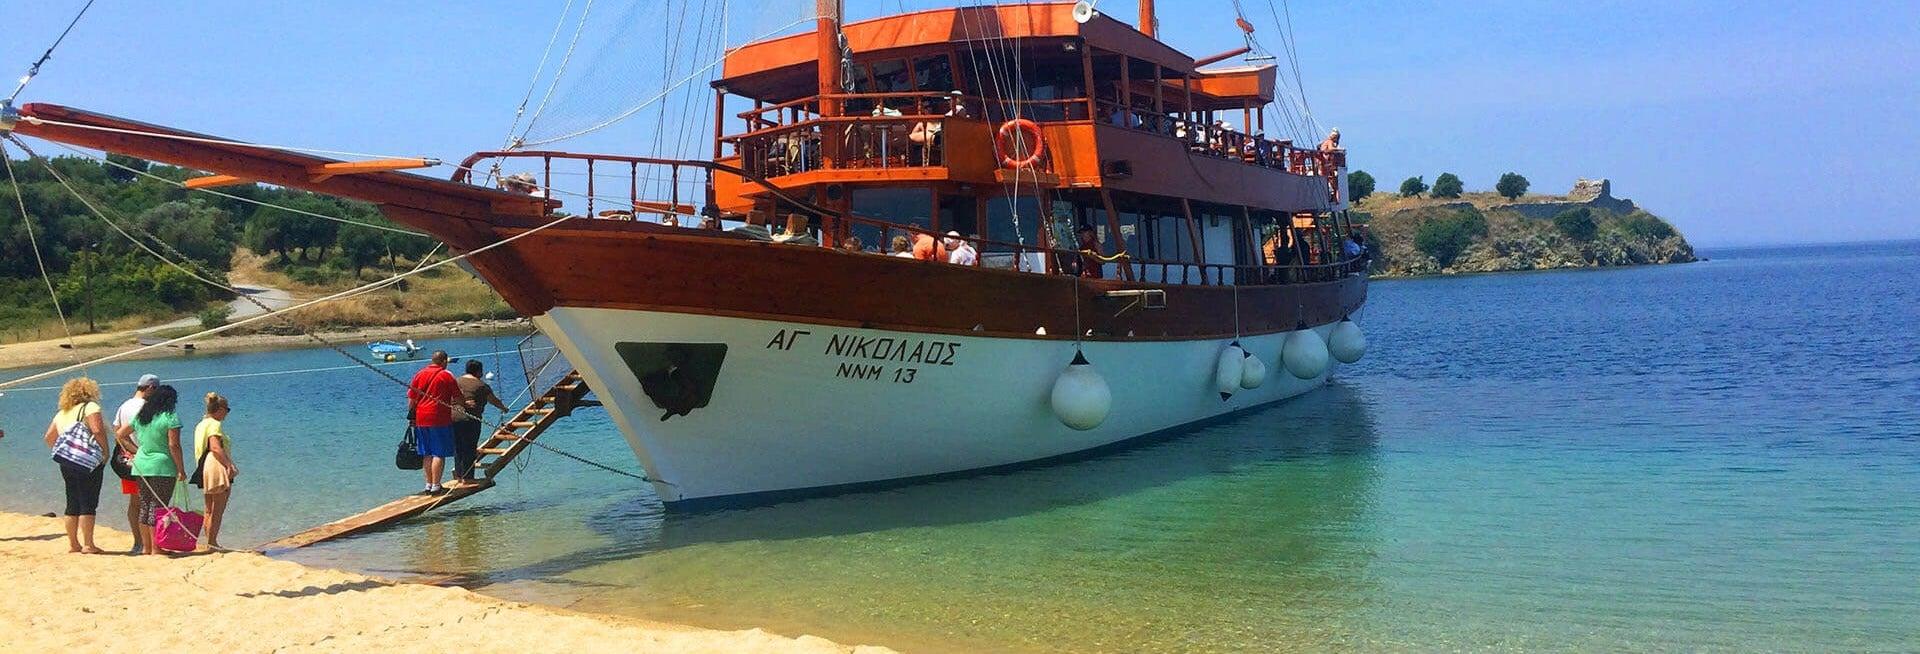 Escursione in barca a Neos Marmaras, Toroni e Kelifos